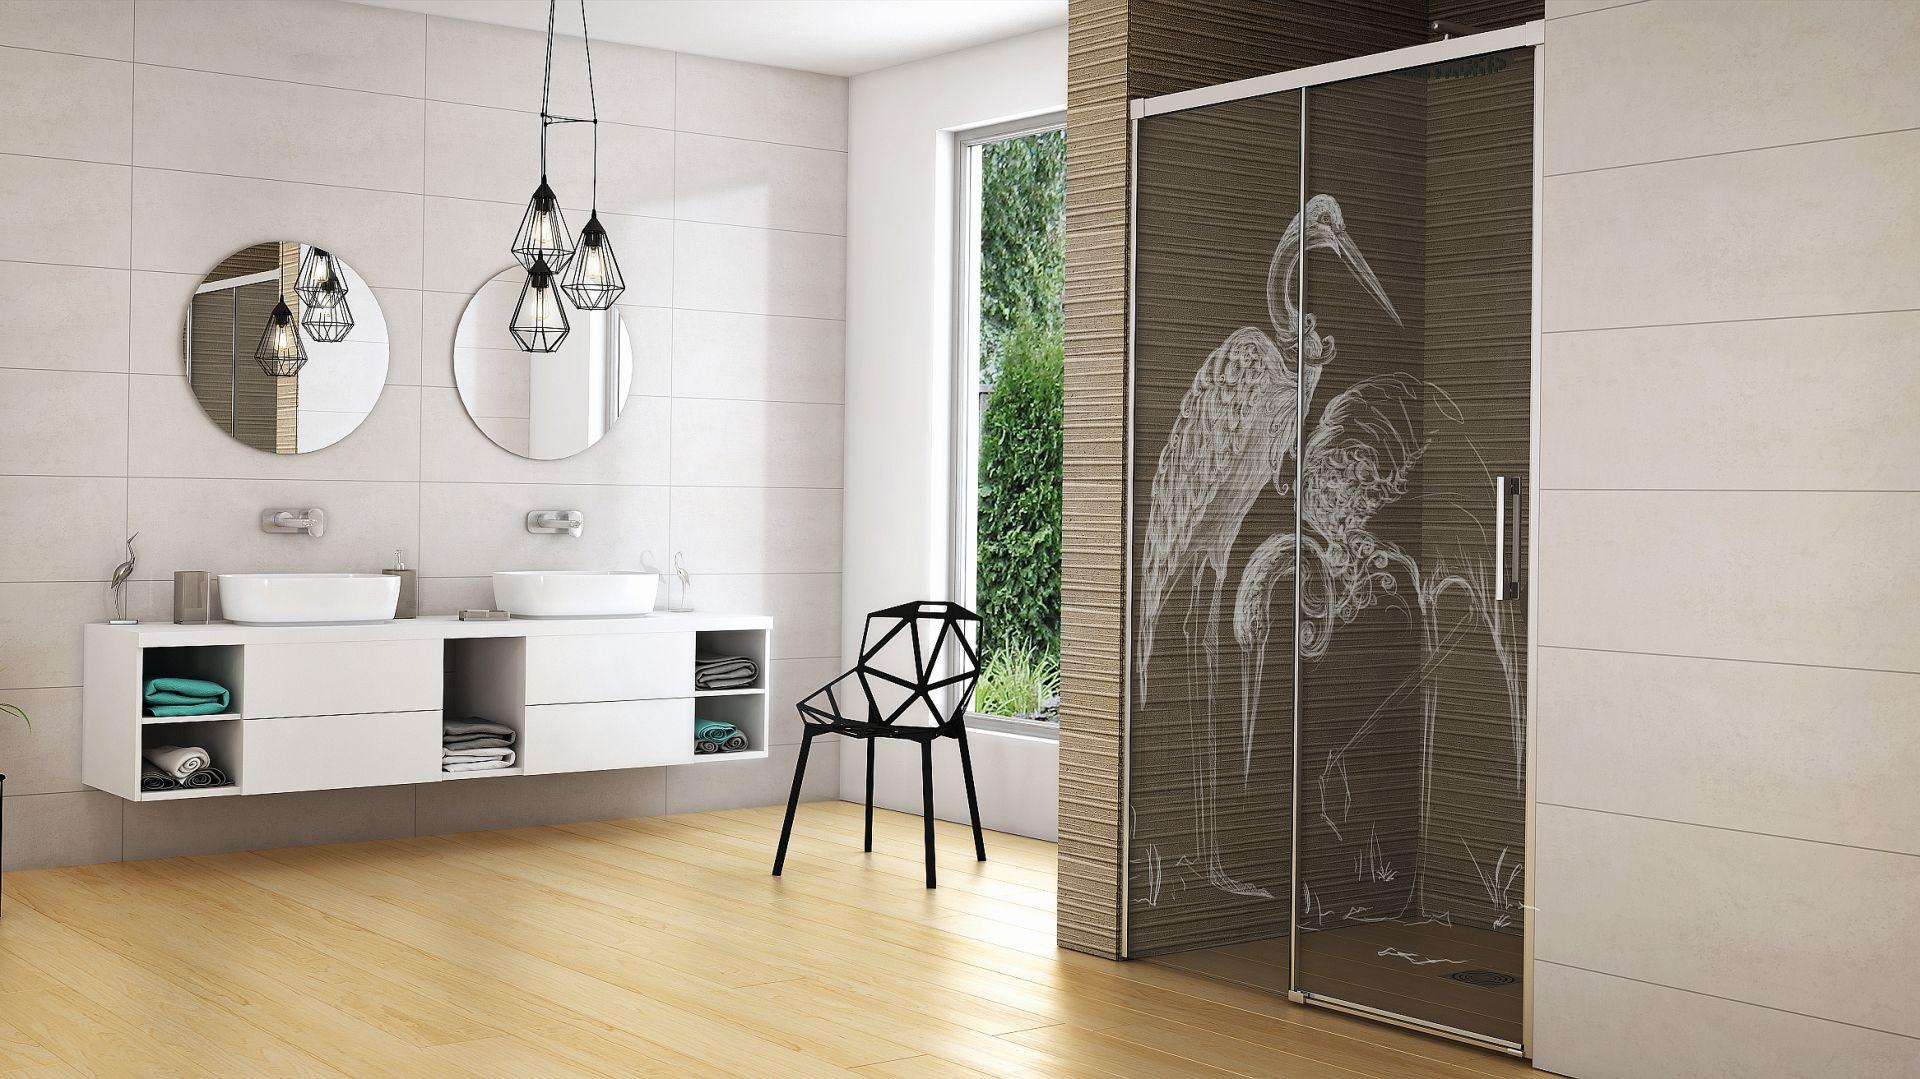 Dekoracyjny wzór wykonywany metodą laserowego graweru na szkle kabiny prysznicowej przedstawiający brodzące w wodzie żurawie. Fot. Radaway